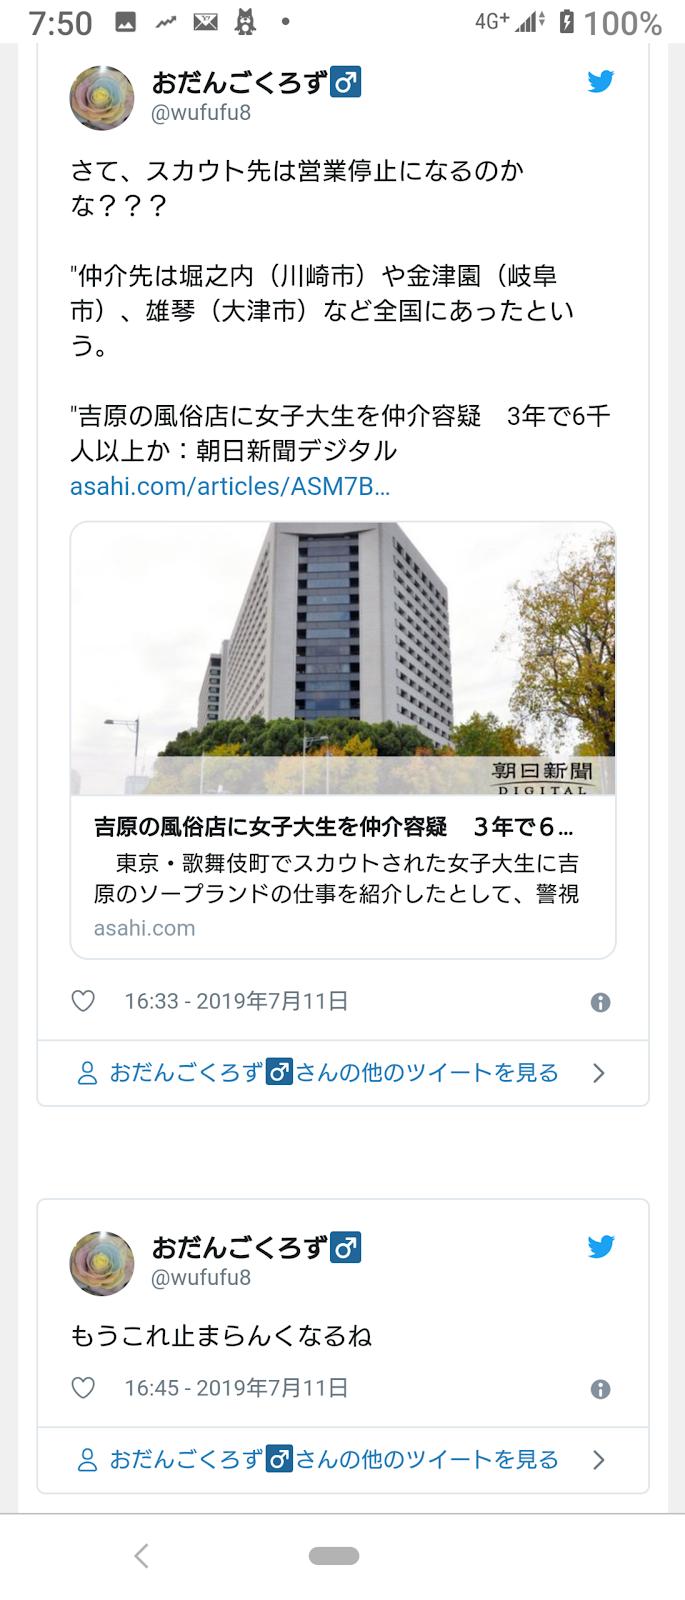 岐阜 風俗 サイ 爆